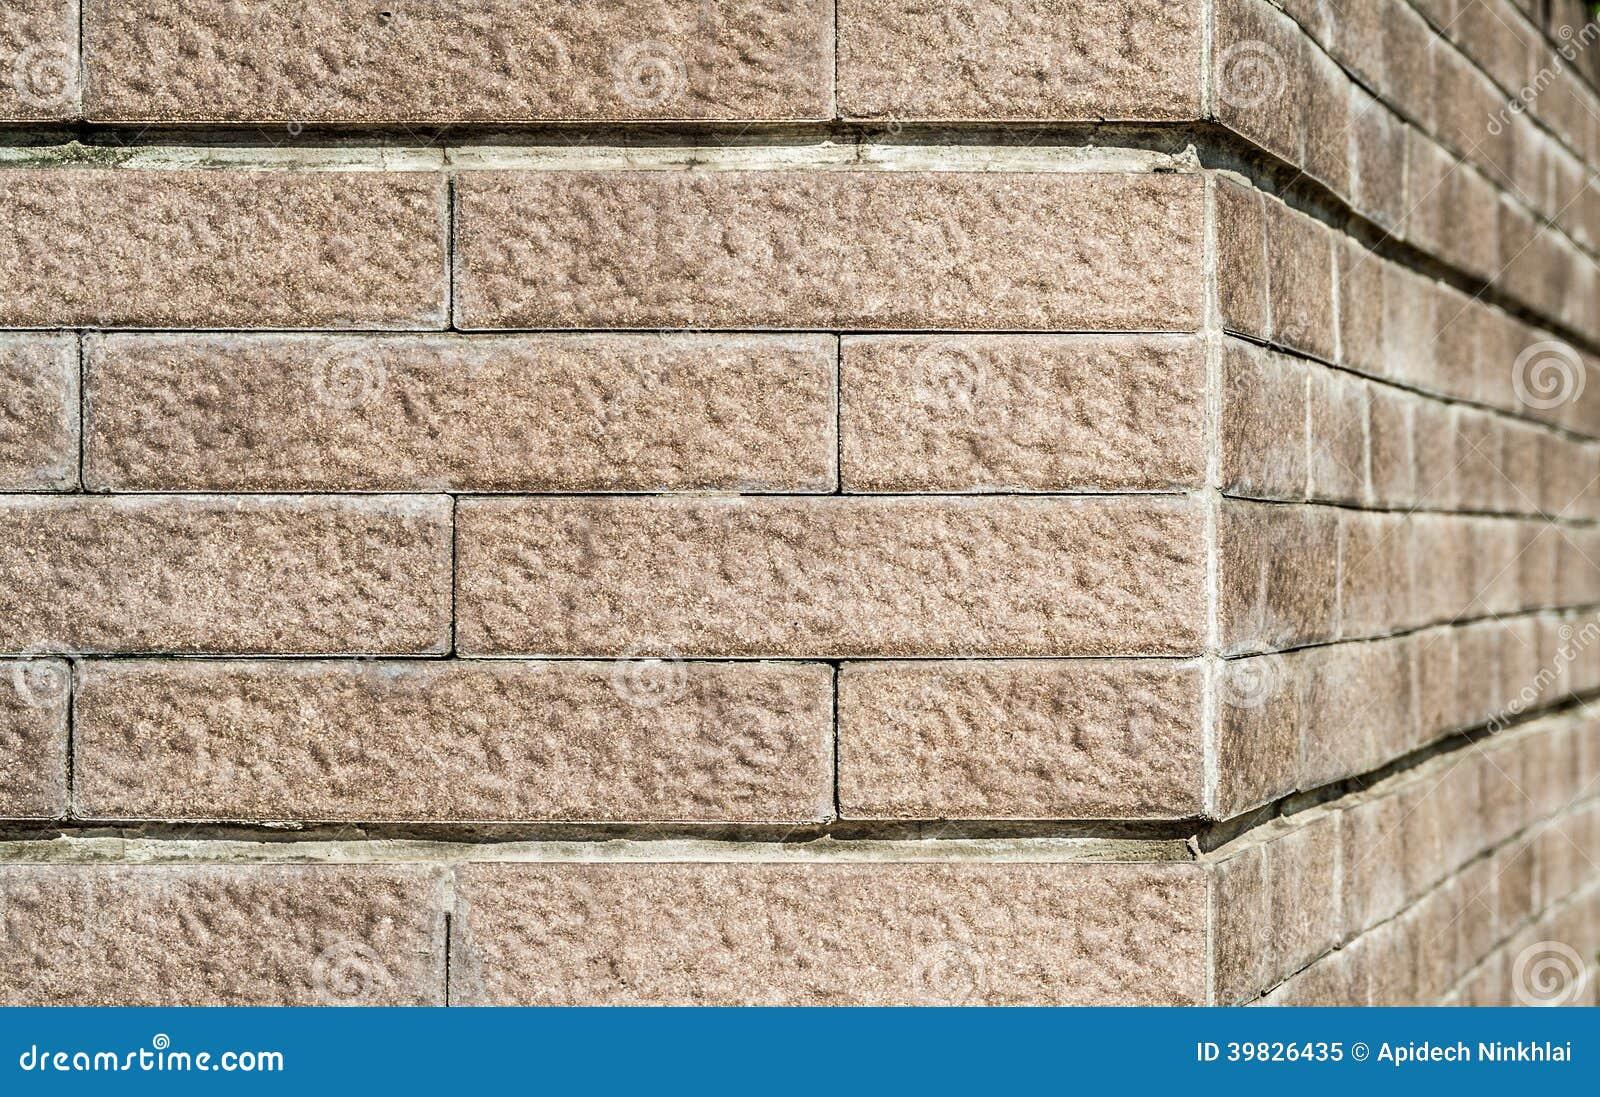 Angolo della parete di pietra di costruzione immagine - Parete di pietra ...